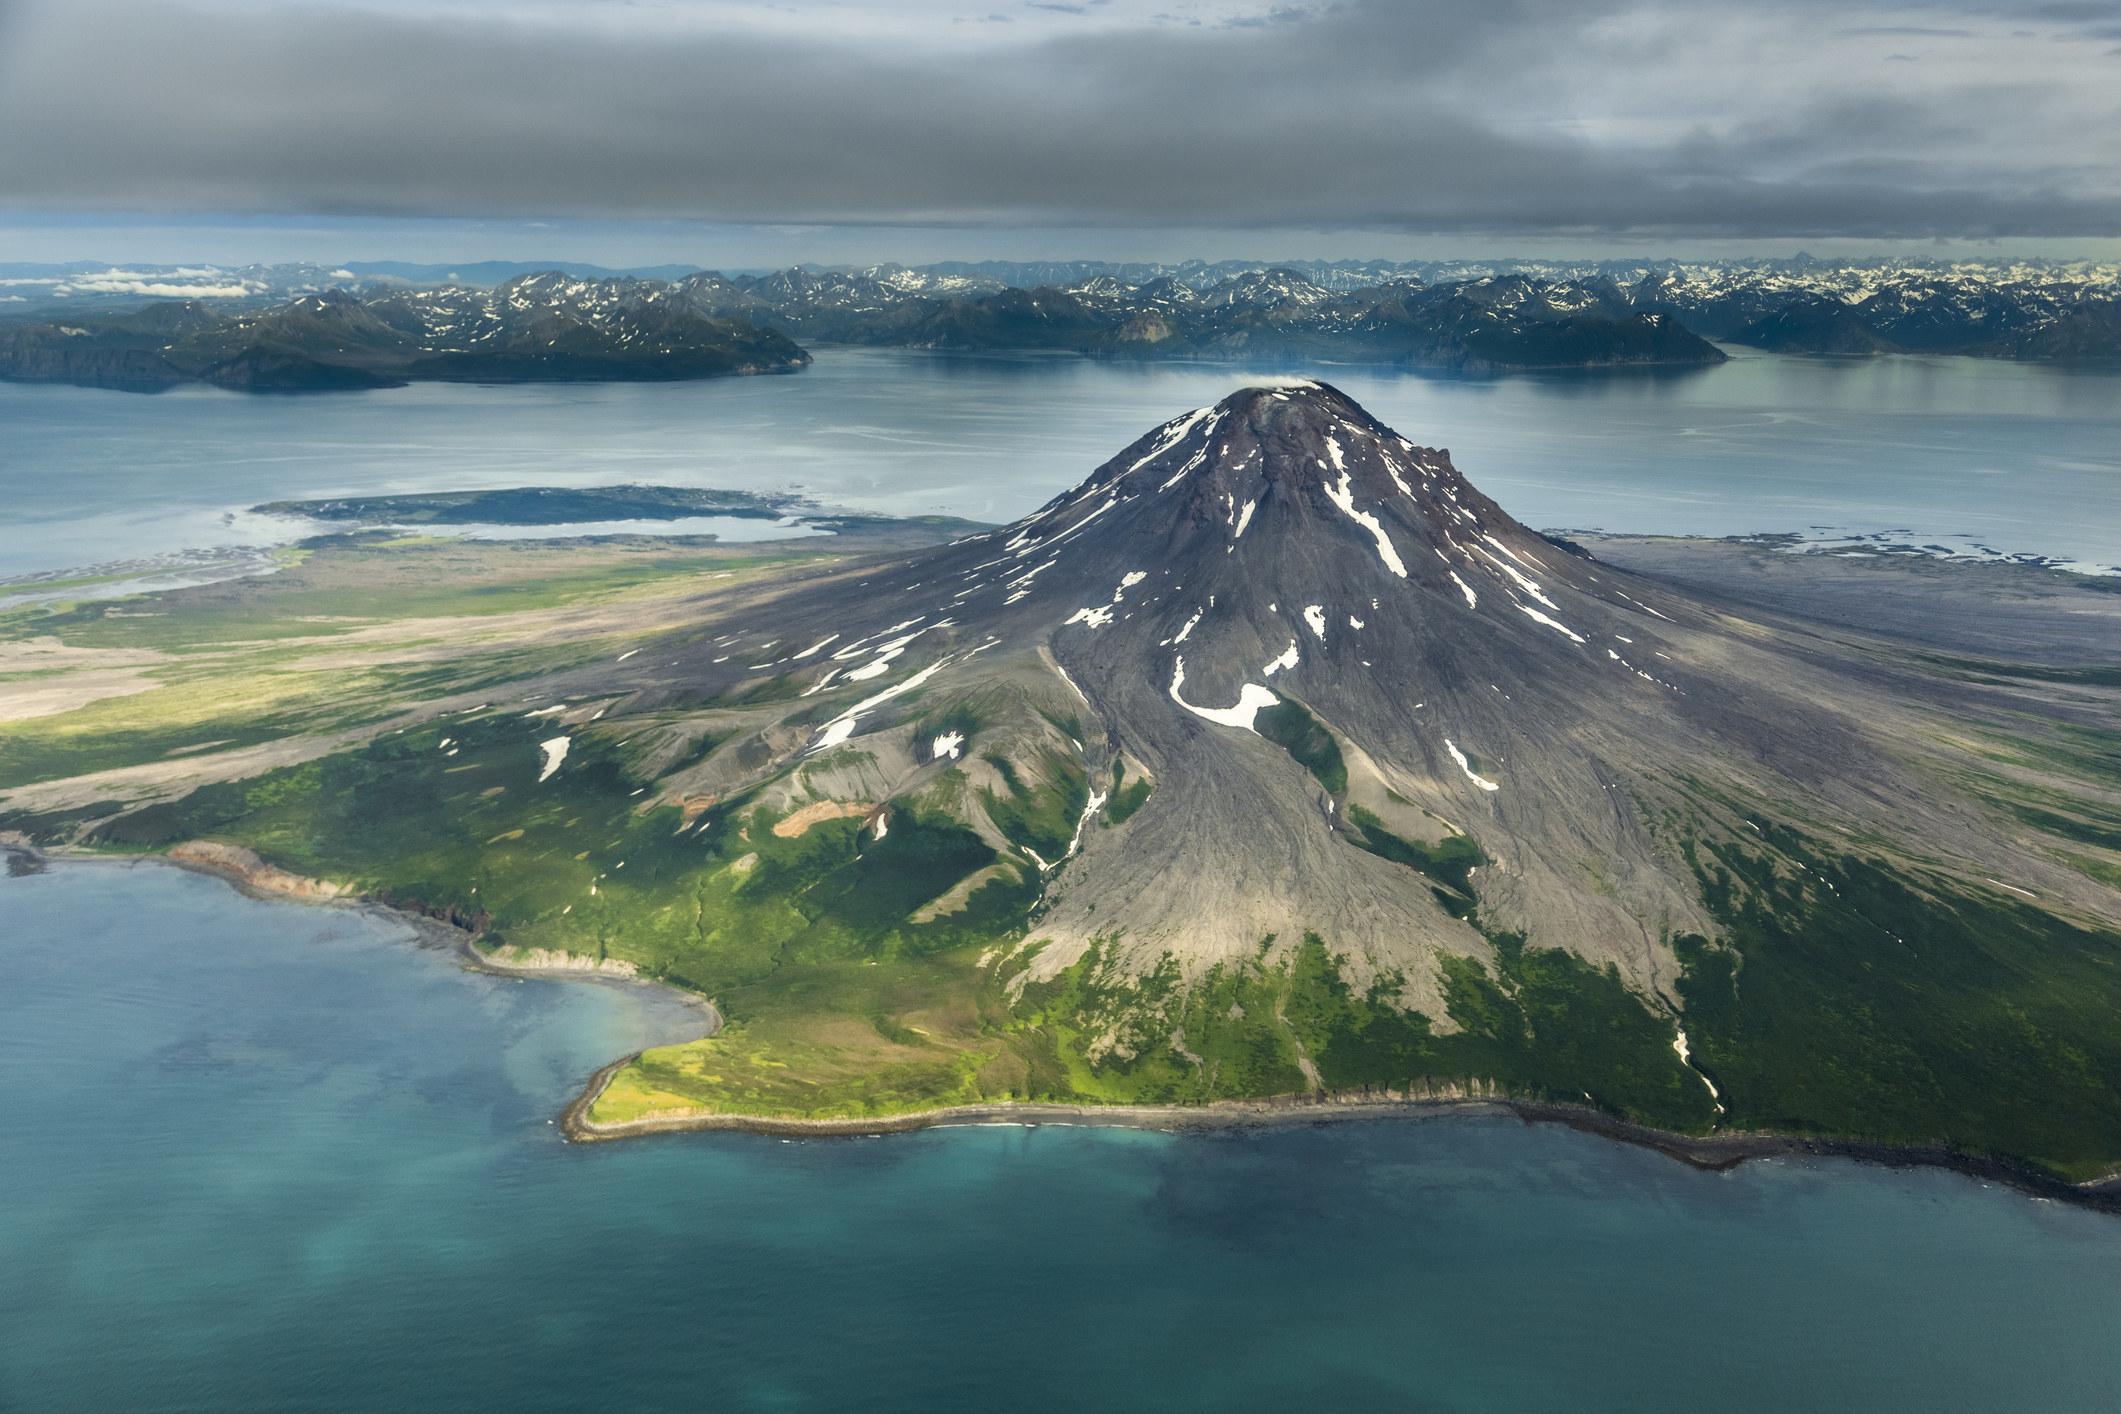 A volcano in Alaska